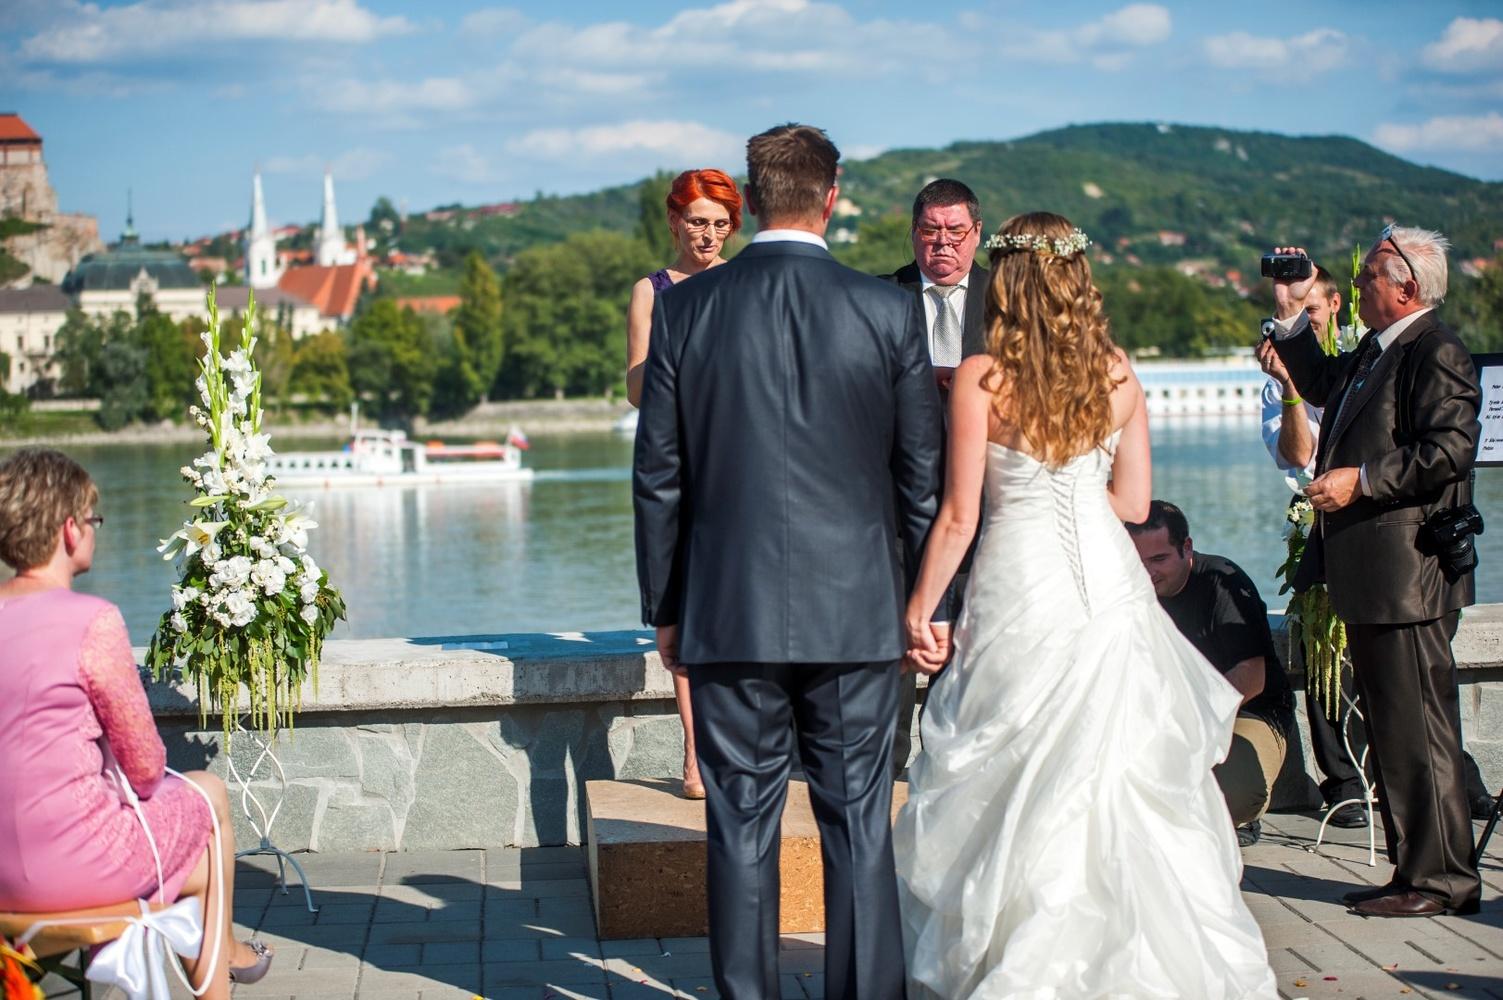 http://www.fotoz.sk/images/gallery-9/normal/eskuvoi-fotos_svadobny-fotograf_062.jpg